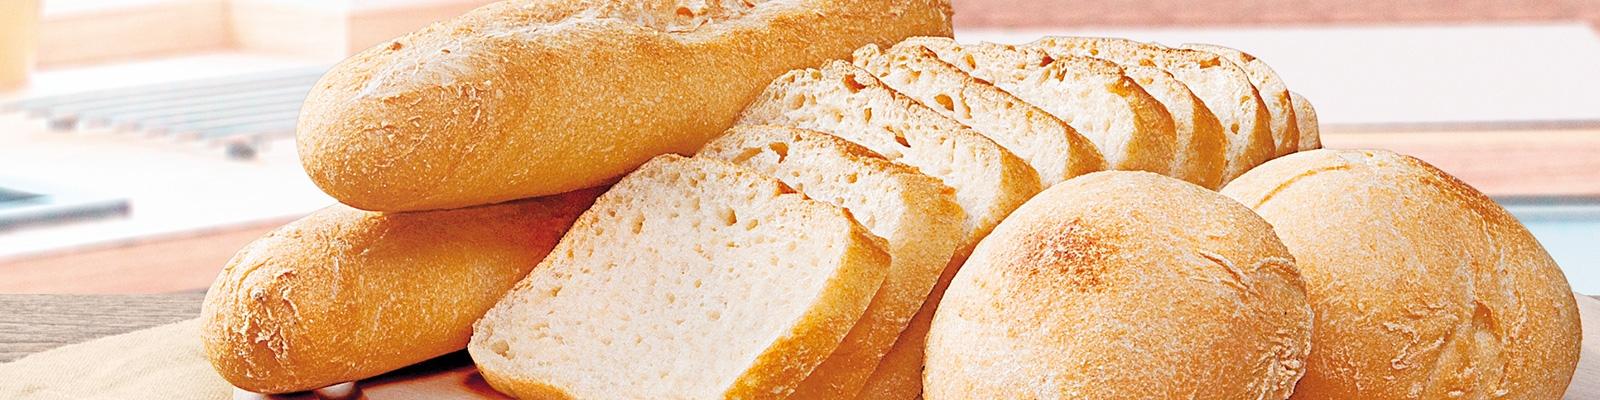 Pane e sostituti